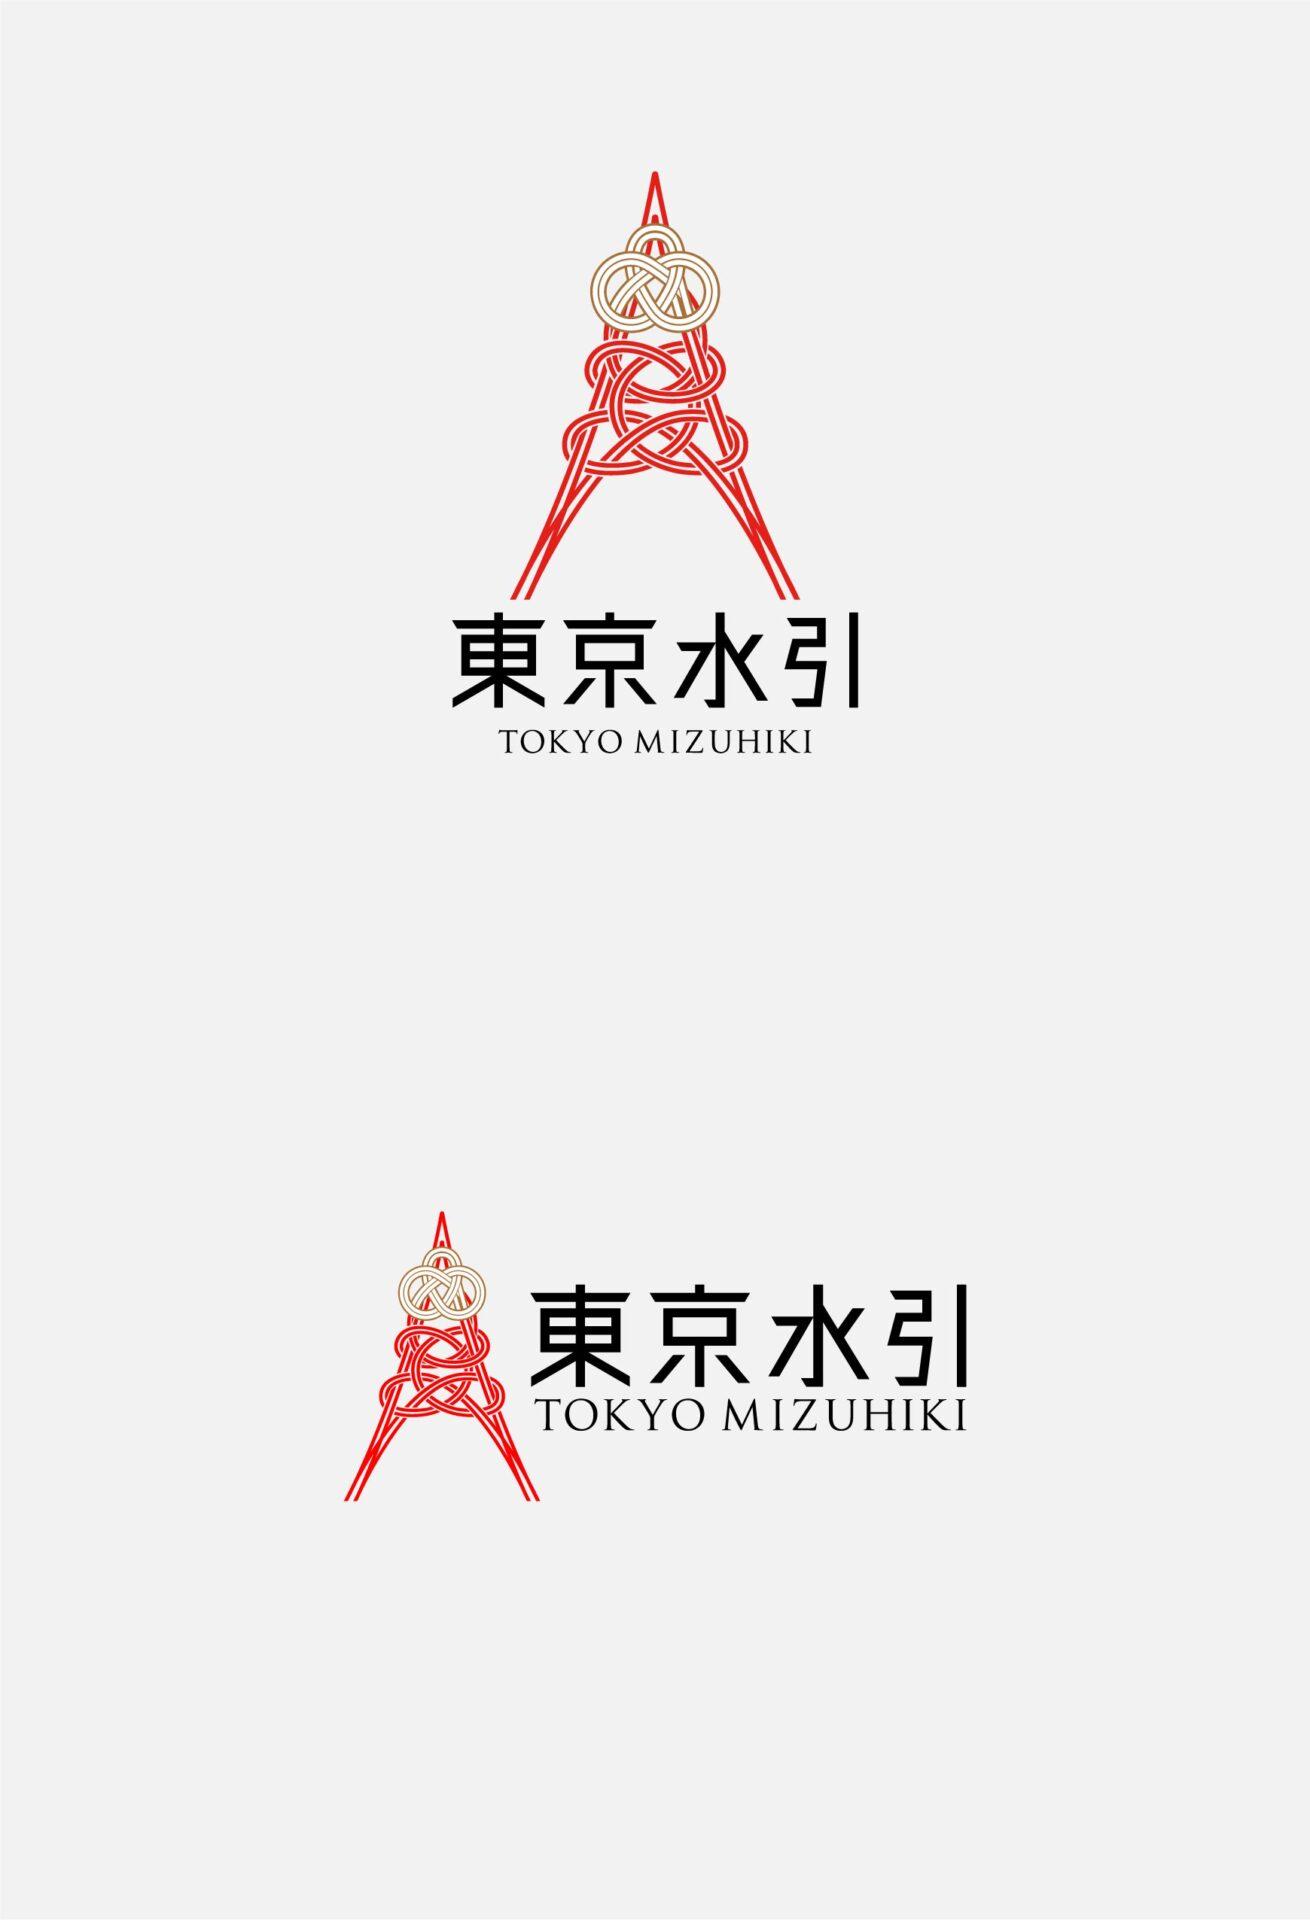 「TOKYOMIZUHIKI」の実績画像